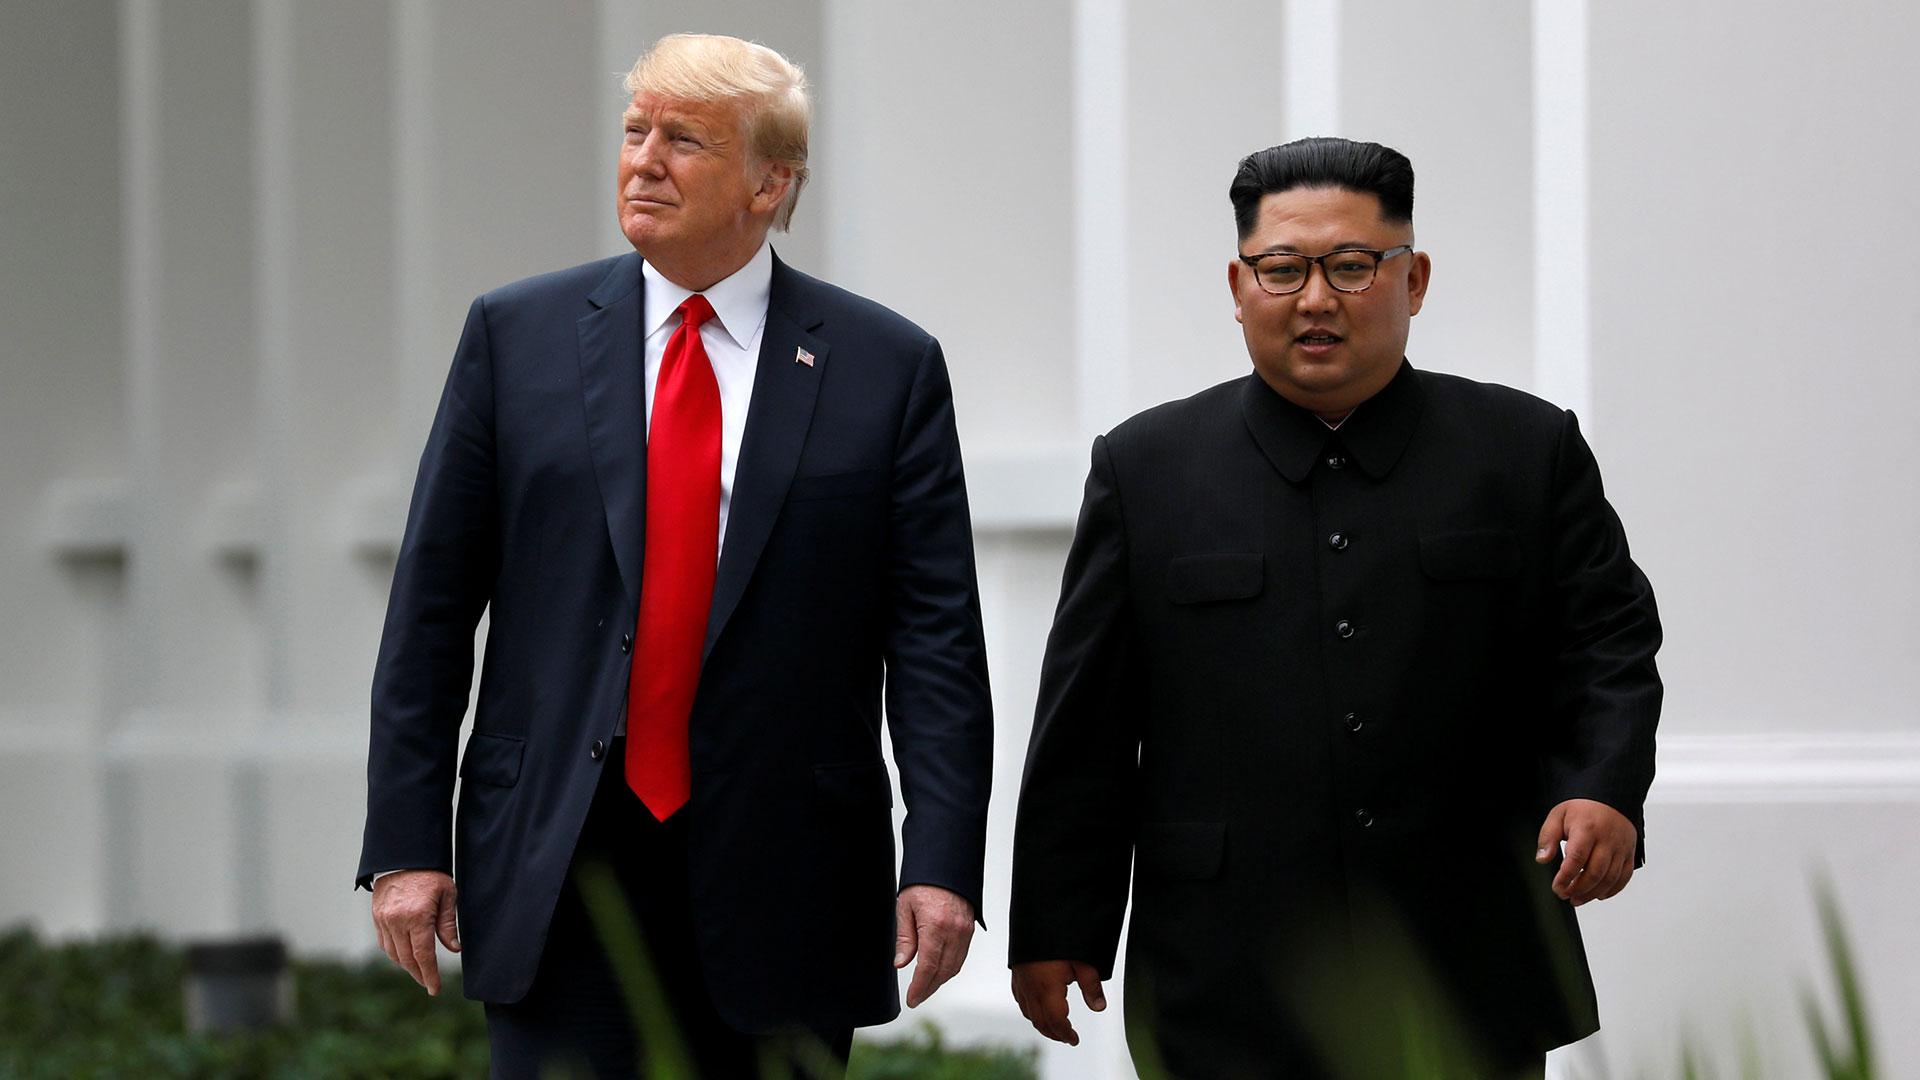 Donald Trump, presidente de Estados Unidos, junto a Kim Jong-un, líder de Corea del Norte, durante la cumbre en Singapur (Reuters)